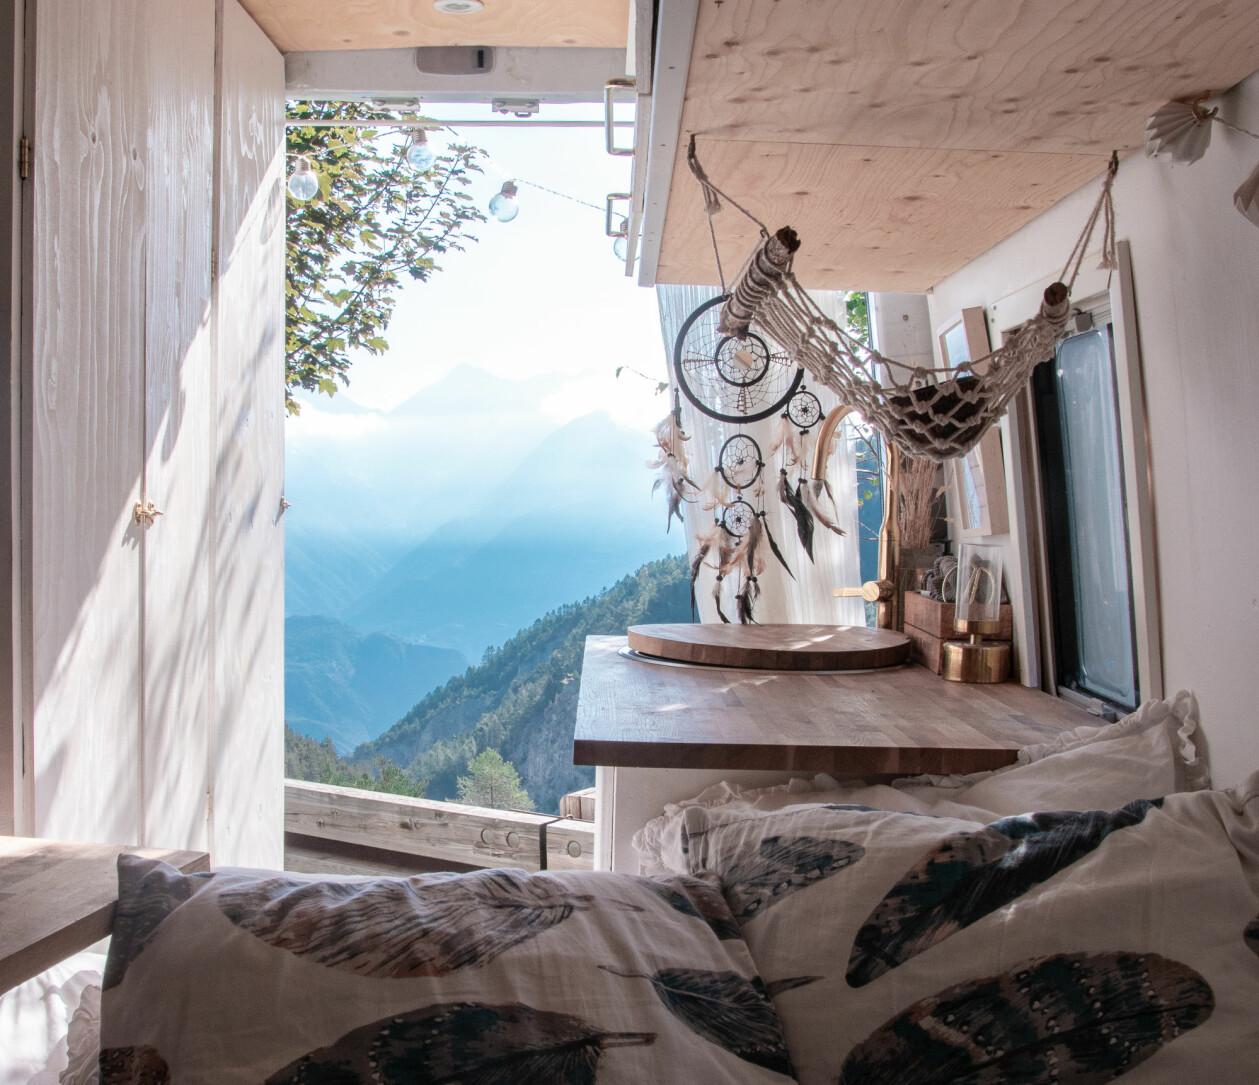 Utsikt från Sandras säng. Den öppna baklucka på biler vätter mot bergstoppar och dalar, beslöjade av dimmiga moln.